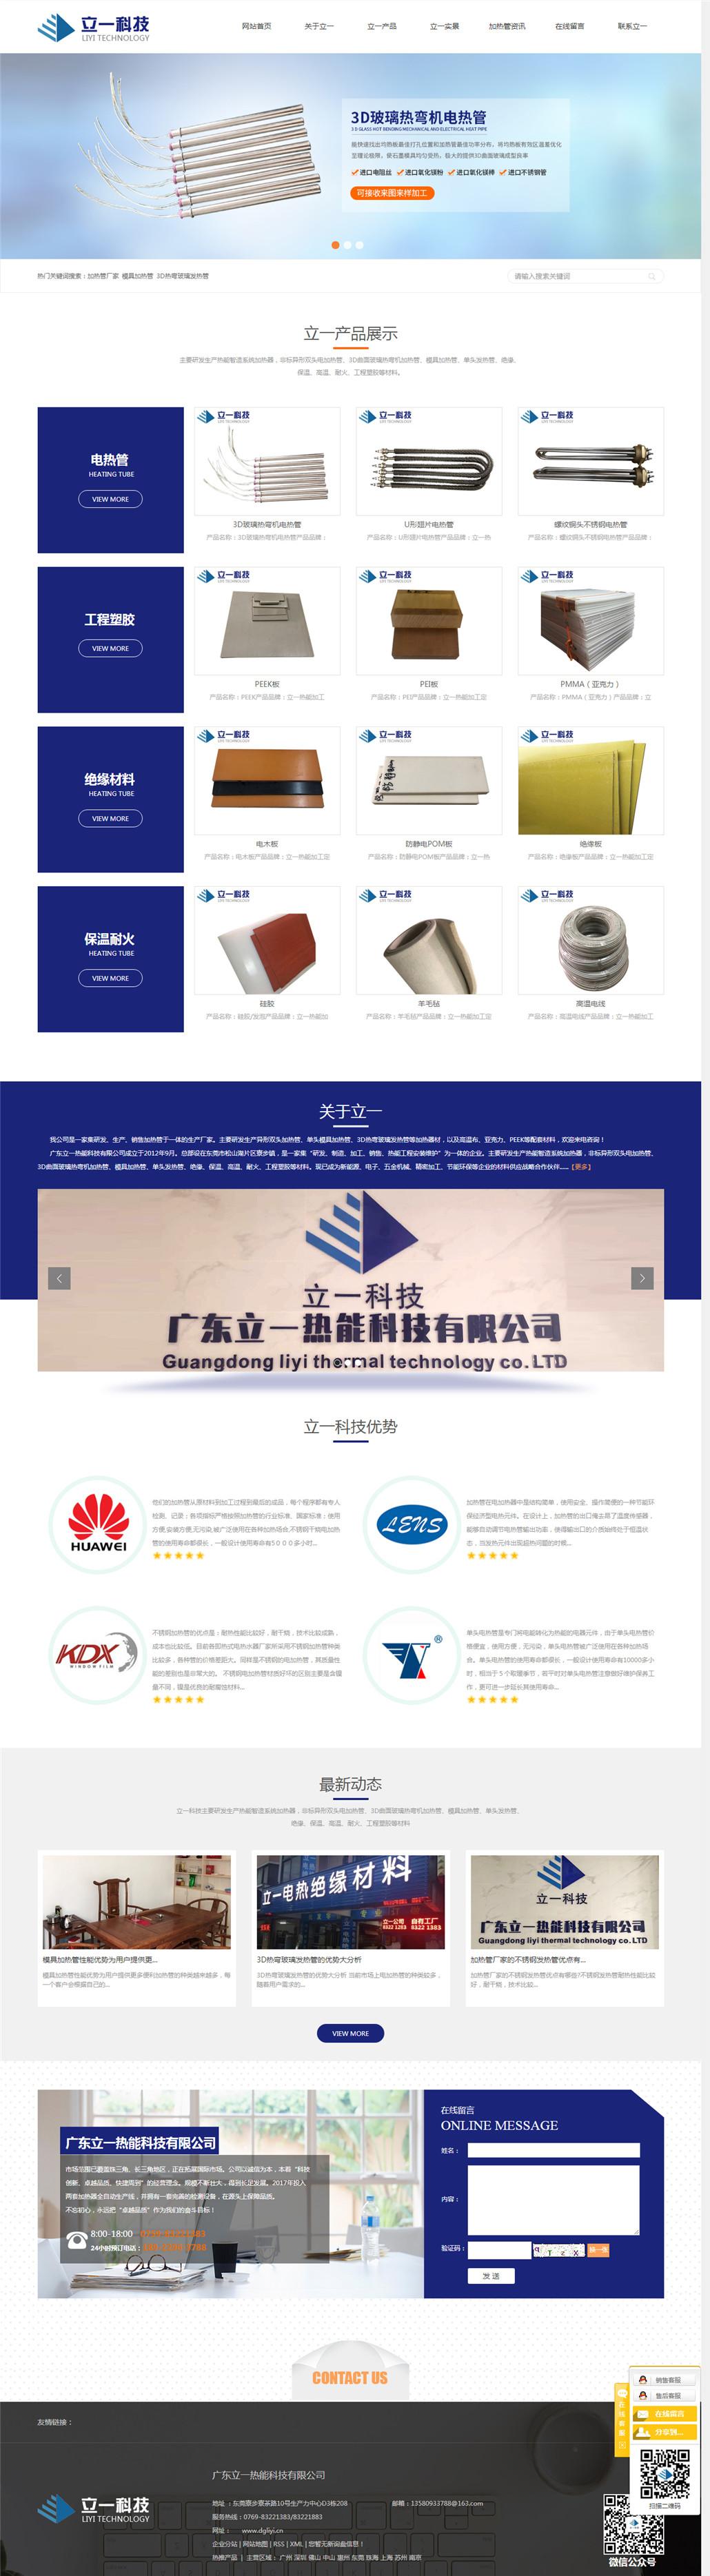 广东立一热能科技有限公司